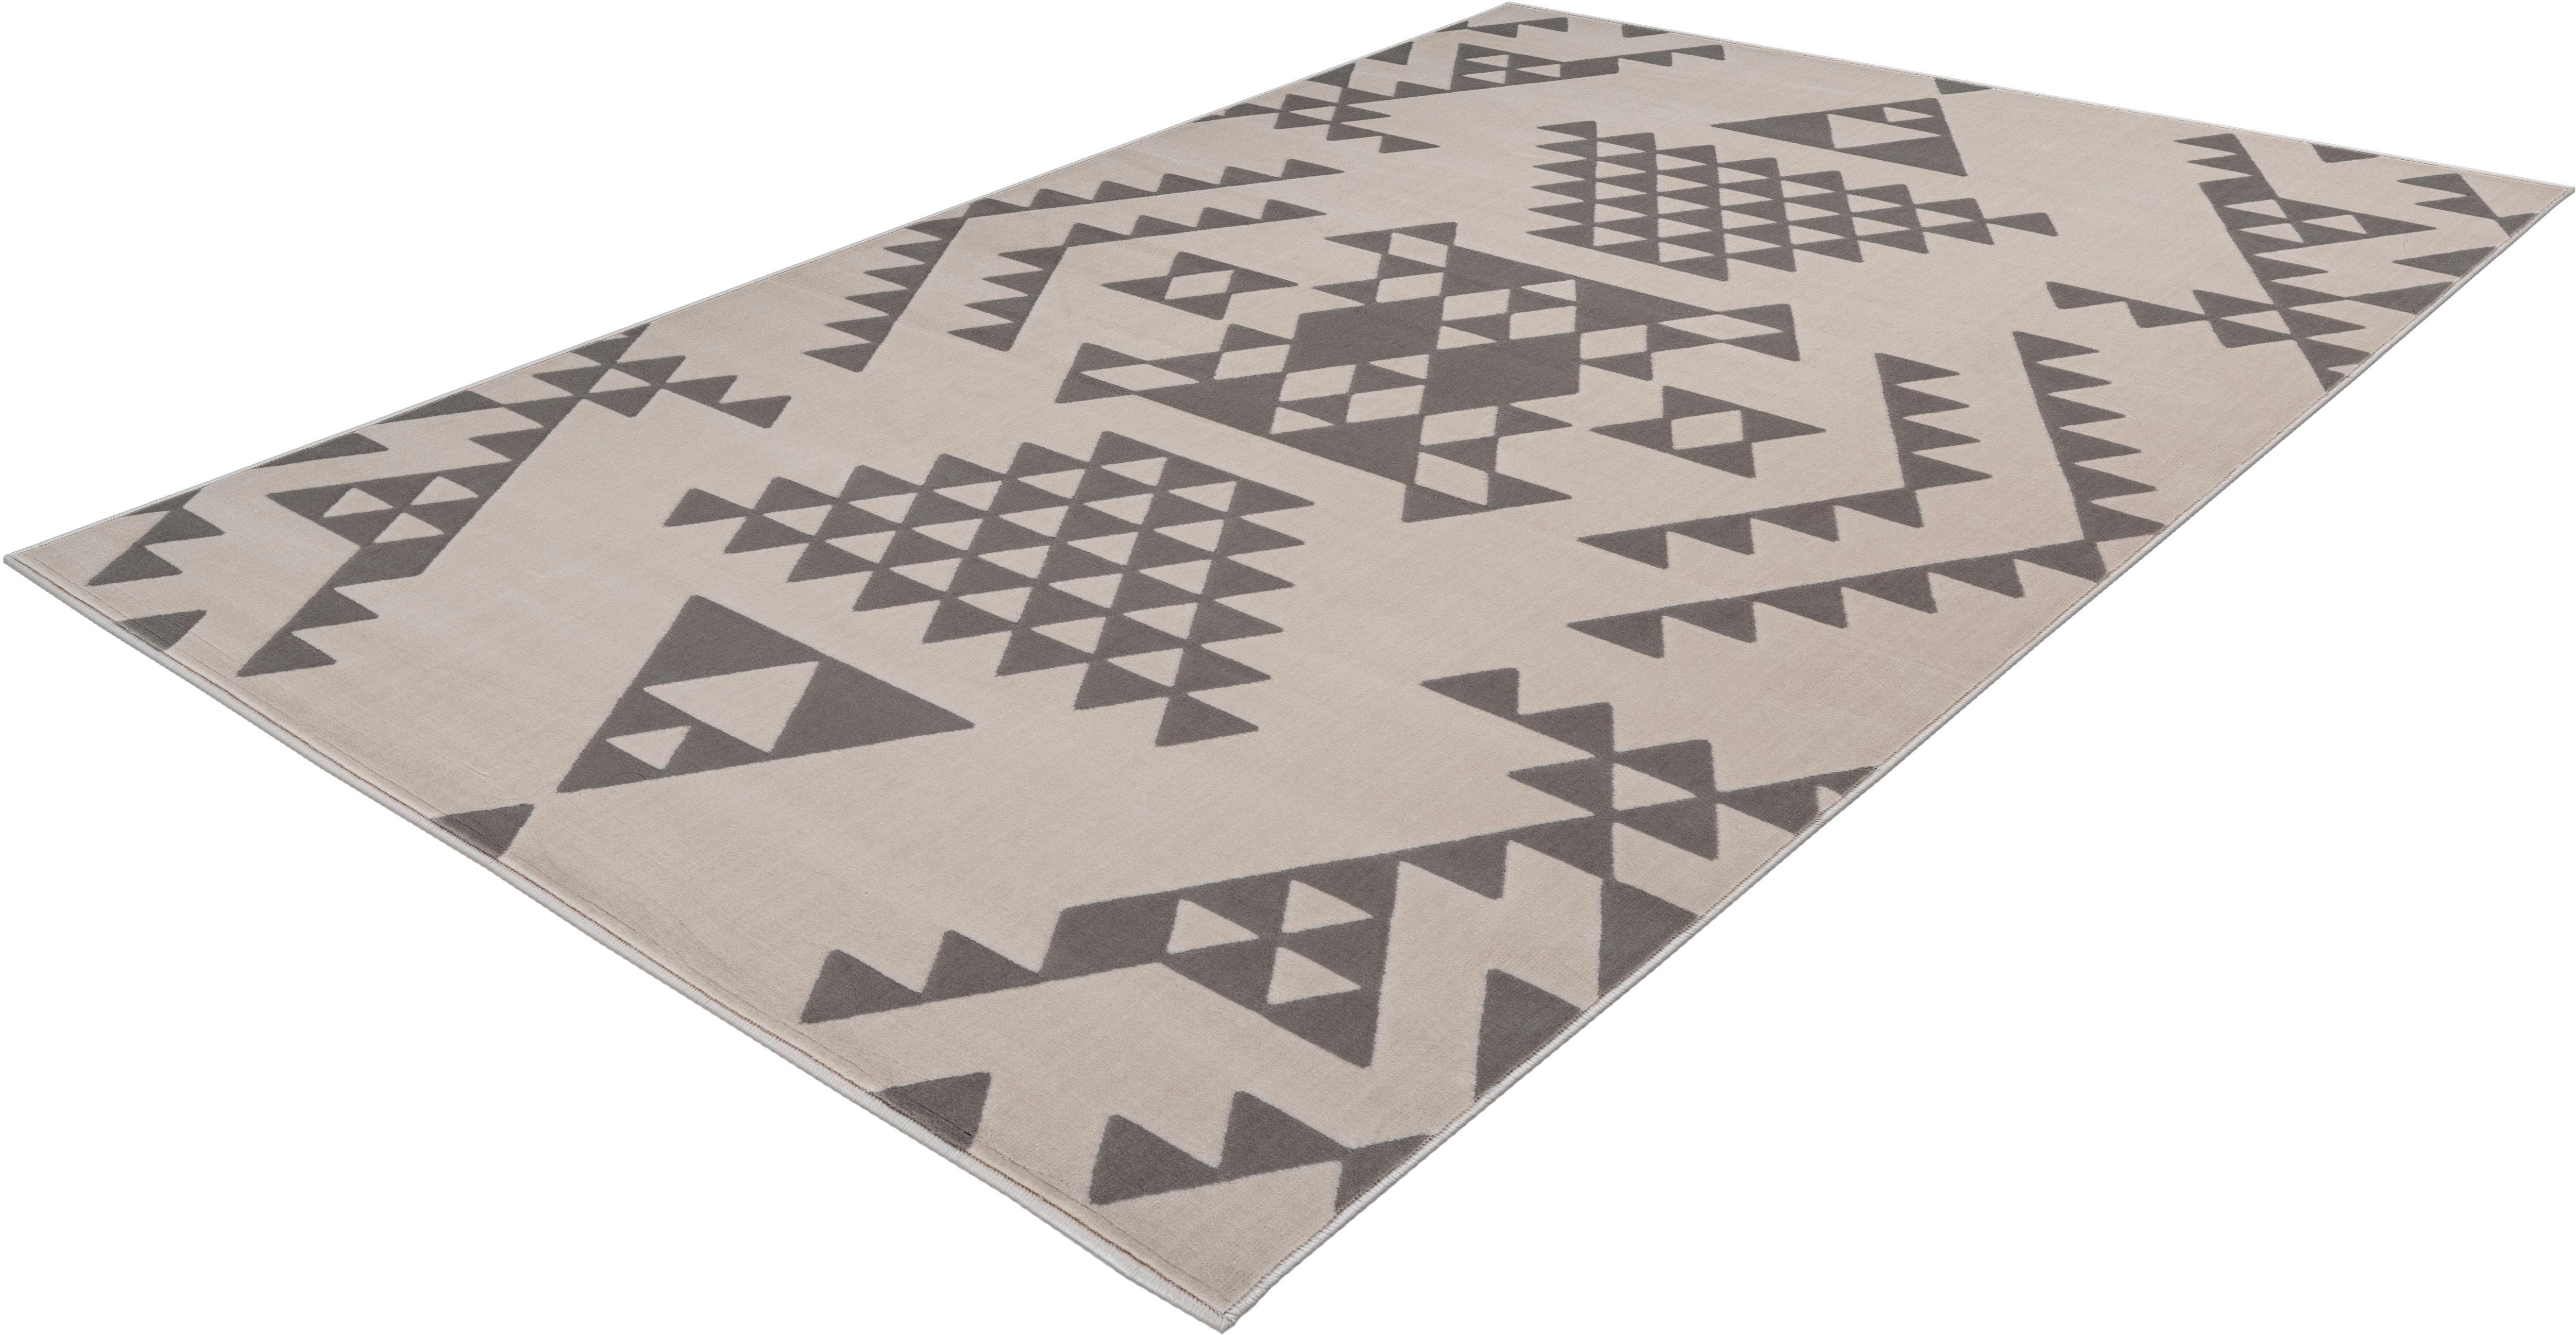 Teppich Esperanto 625 Kayoom rechteckig Höhe 10 mm maschinell gewebt